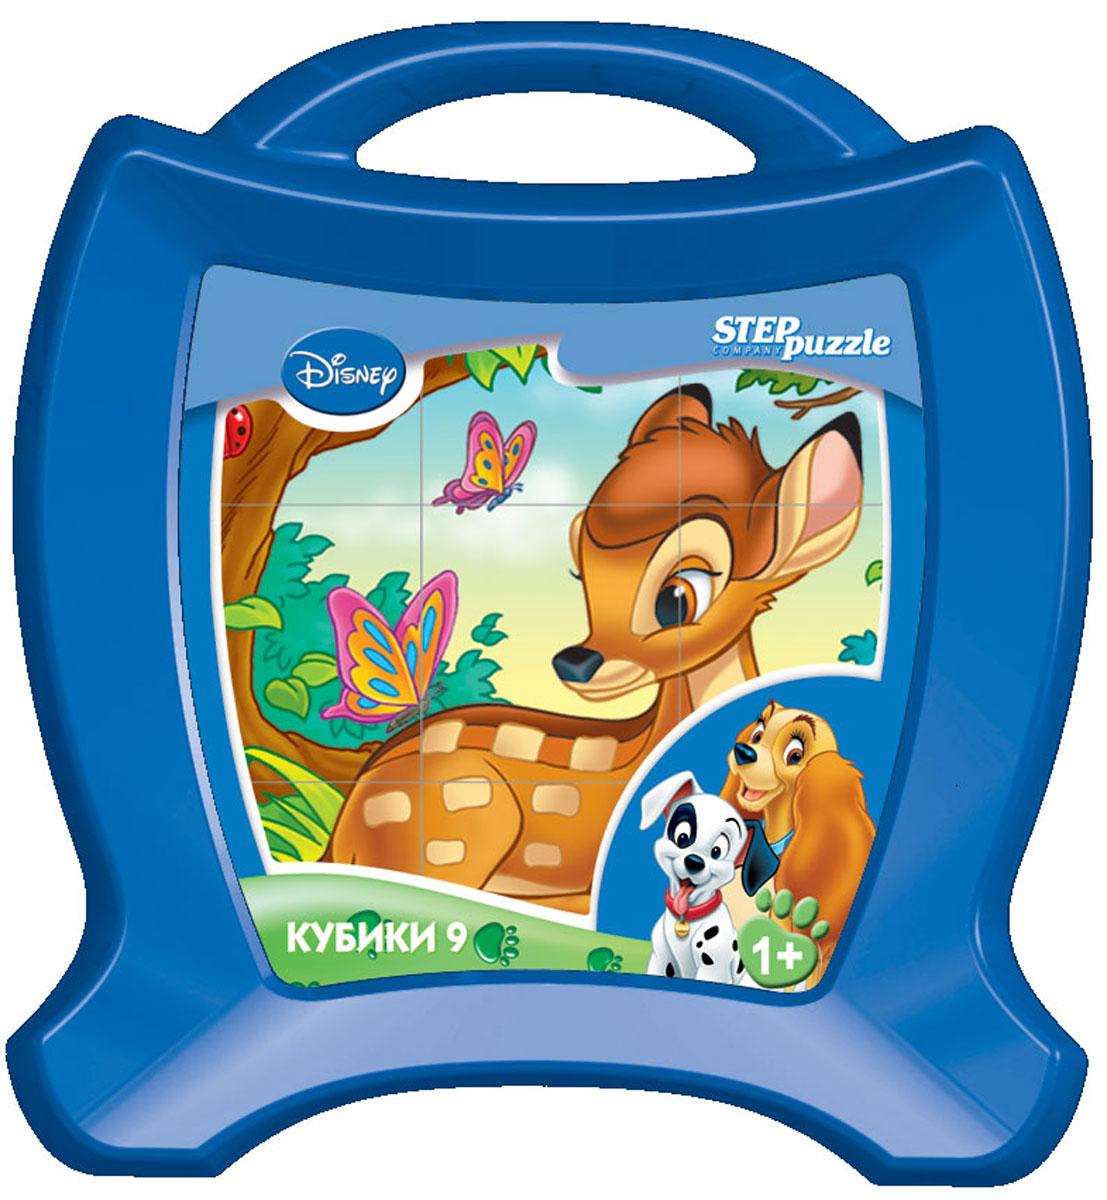 Step Puzzle Кубики Animal Friends в чемоданчике87111С помощью кубиков Step Puzzle Animal Friends ребенок сможет собрать целых шесть красочных картинок с любимыми героями мультфильмов. Игра с кубиками развивает зрительное восприятие, наблюдательность, мелкую моторику рук и произвольные движения. Ребенок научится складывать целостный образ из частей, определять недостающие детали изображения. Это прекрасный комплект для развлечения и времяпрепровождения с пользой для малыша.